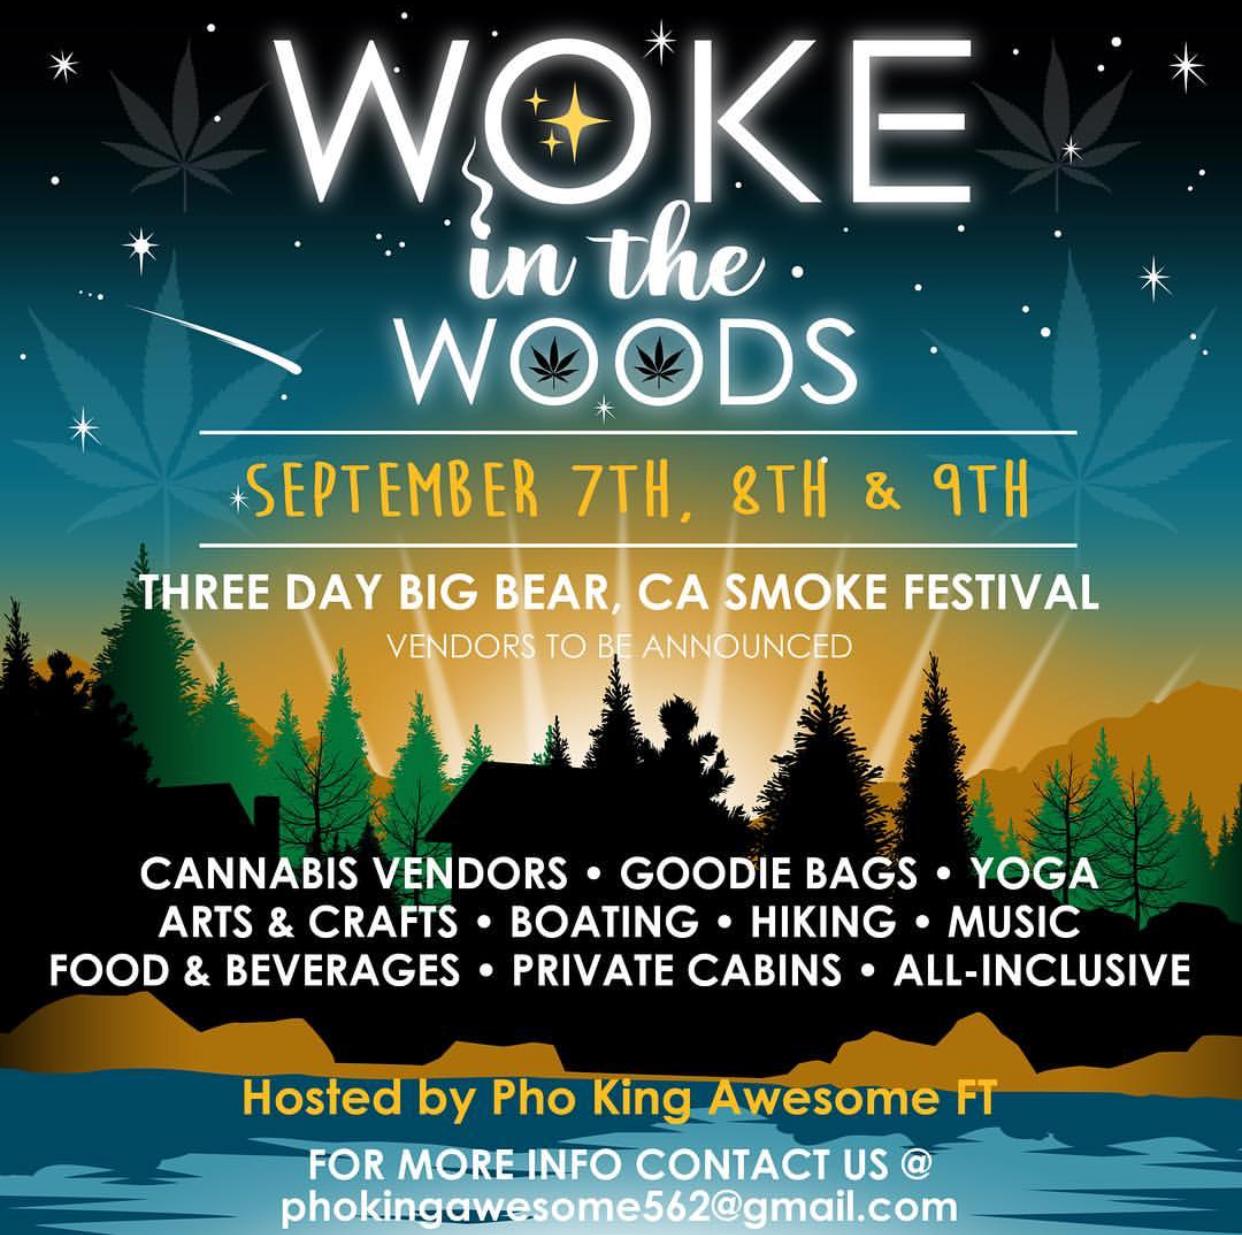 Woke in the Woods